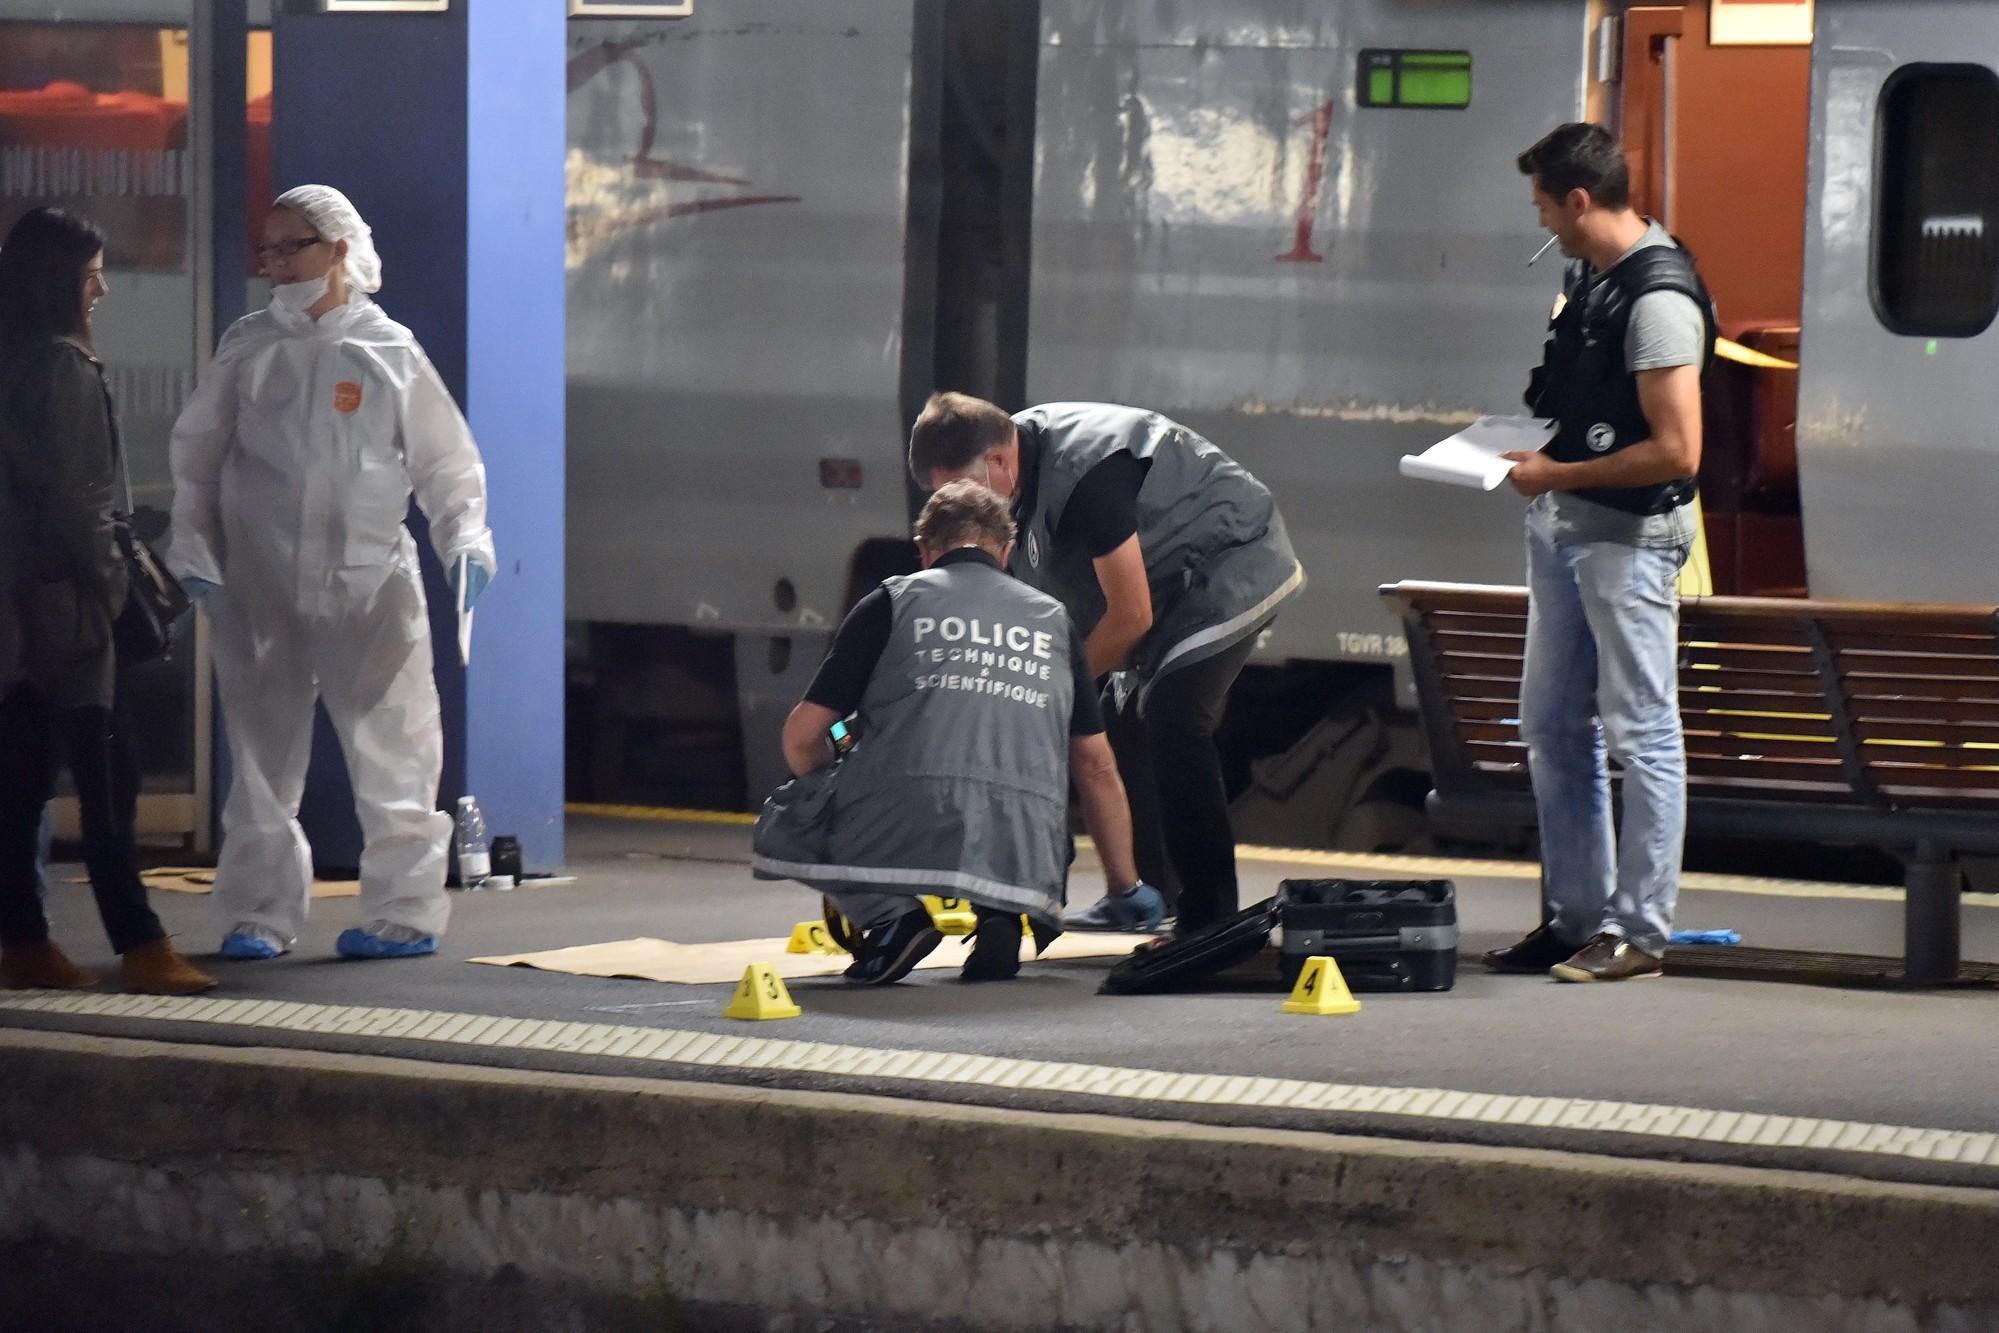 7779469698_des-enqueteurs-devant-le-thalys-ou-l-attaque-a-eu-lieu-le-21-aout-2015-a-arras-pas-de-calais.jpg